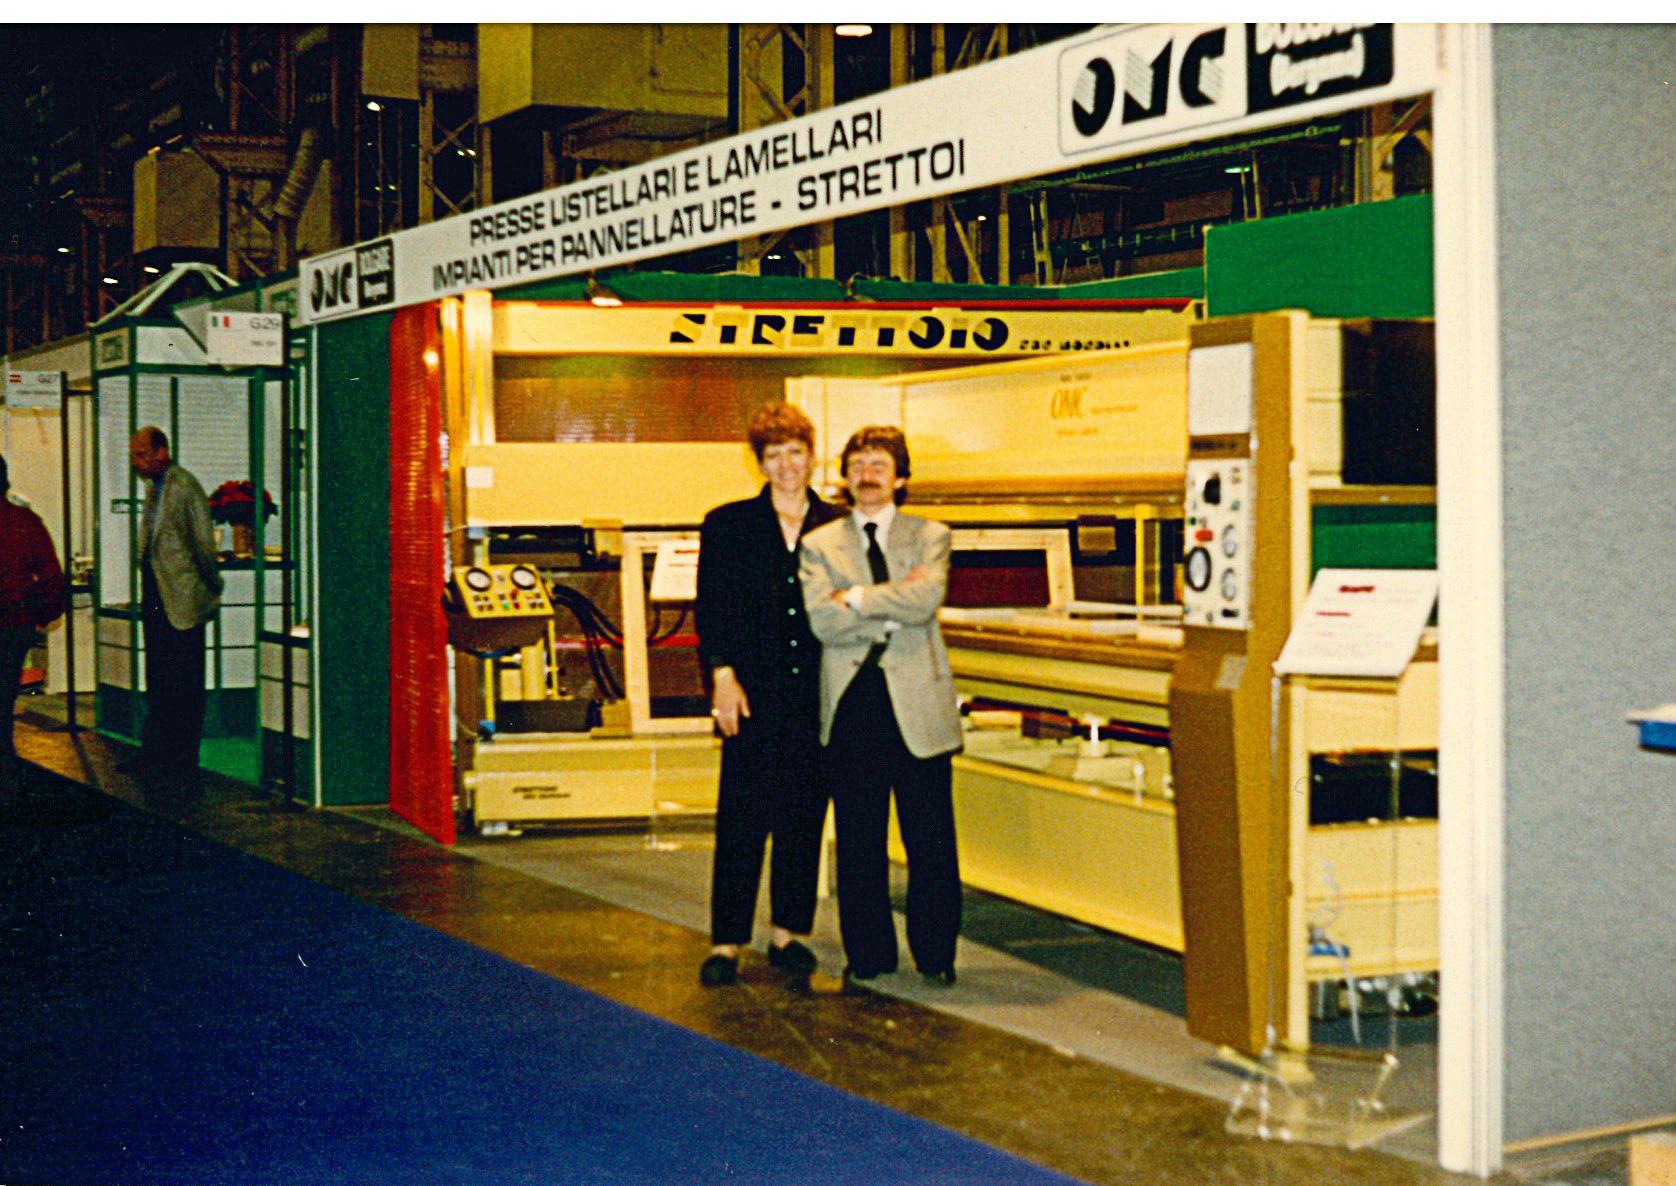 OMC Machinery srl at xylexpo 1996